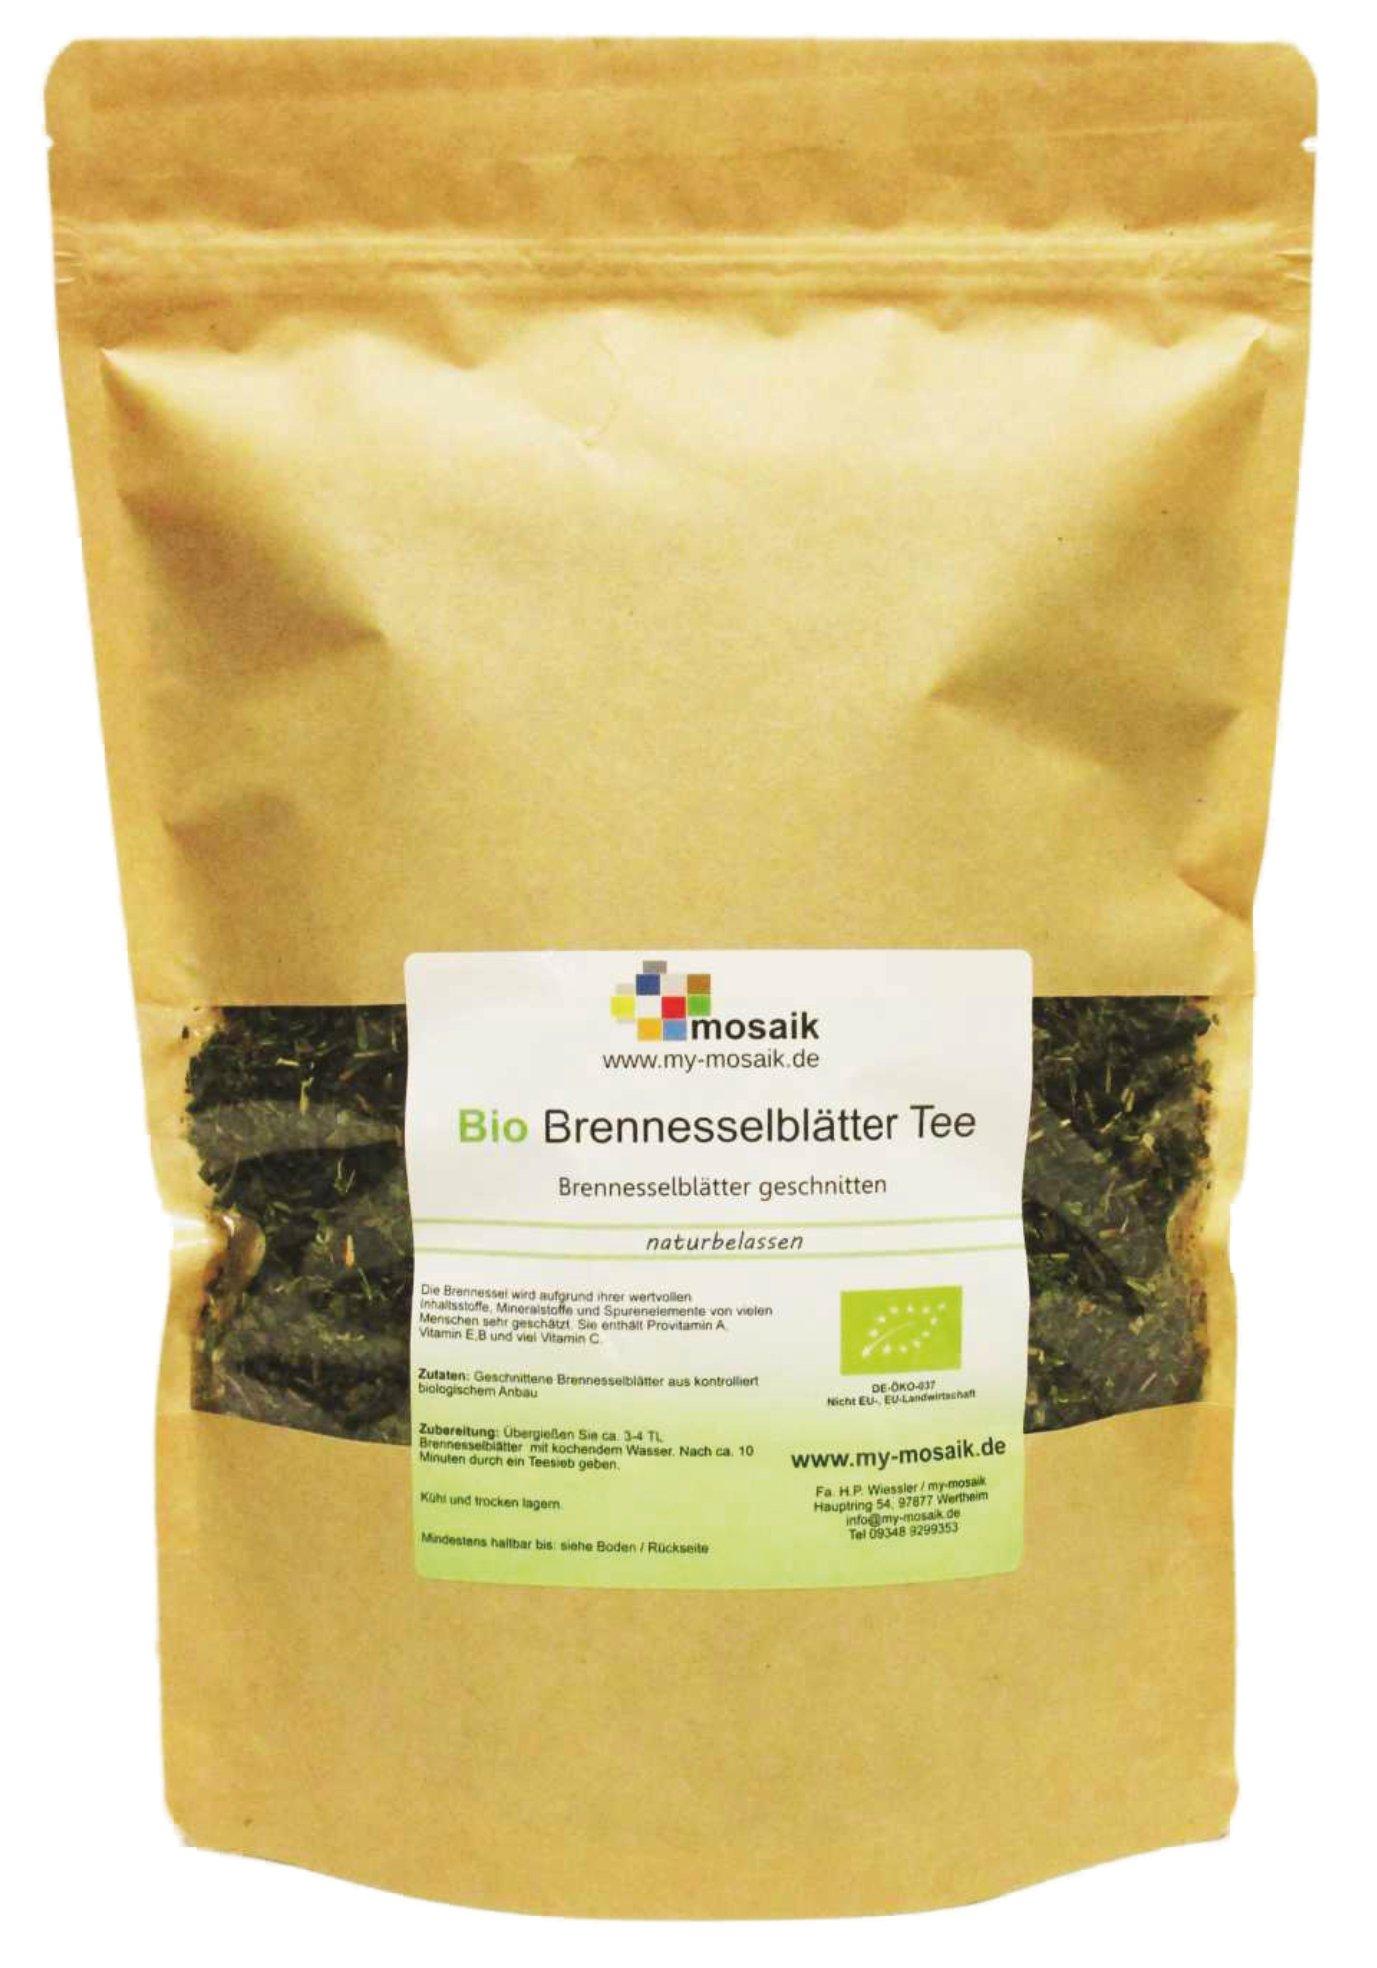 my-mosaik-Bio-Brennesselblttertee-100-naturbelassen-geschnitten-ohne-Zuckerzusatz-aus-kontrolliert-biologischem-Anbau-im-wiederverschliebaren-Frischebeutel-abgefllt-in-Deutschland